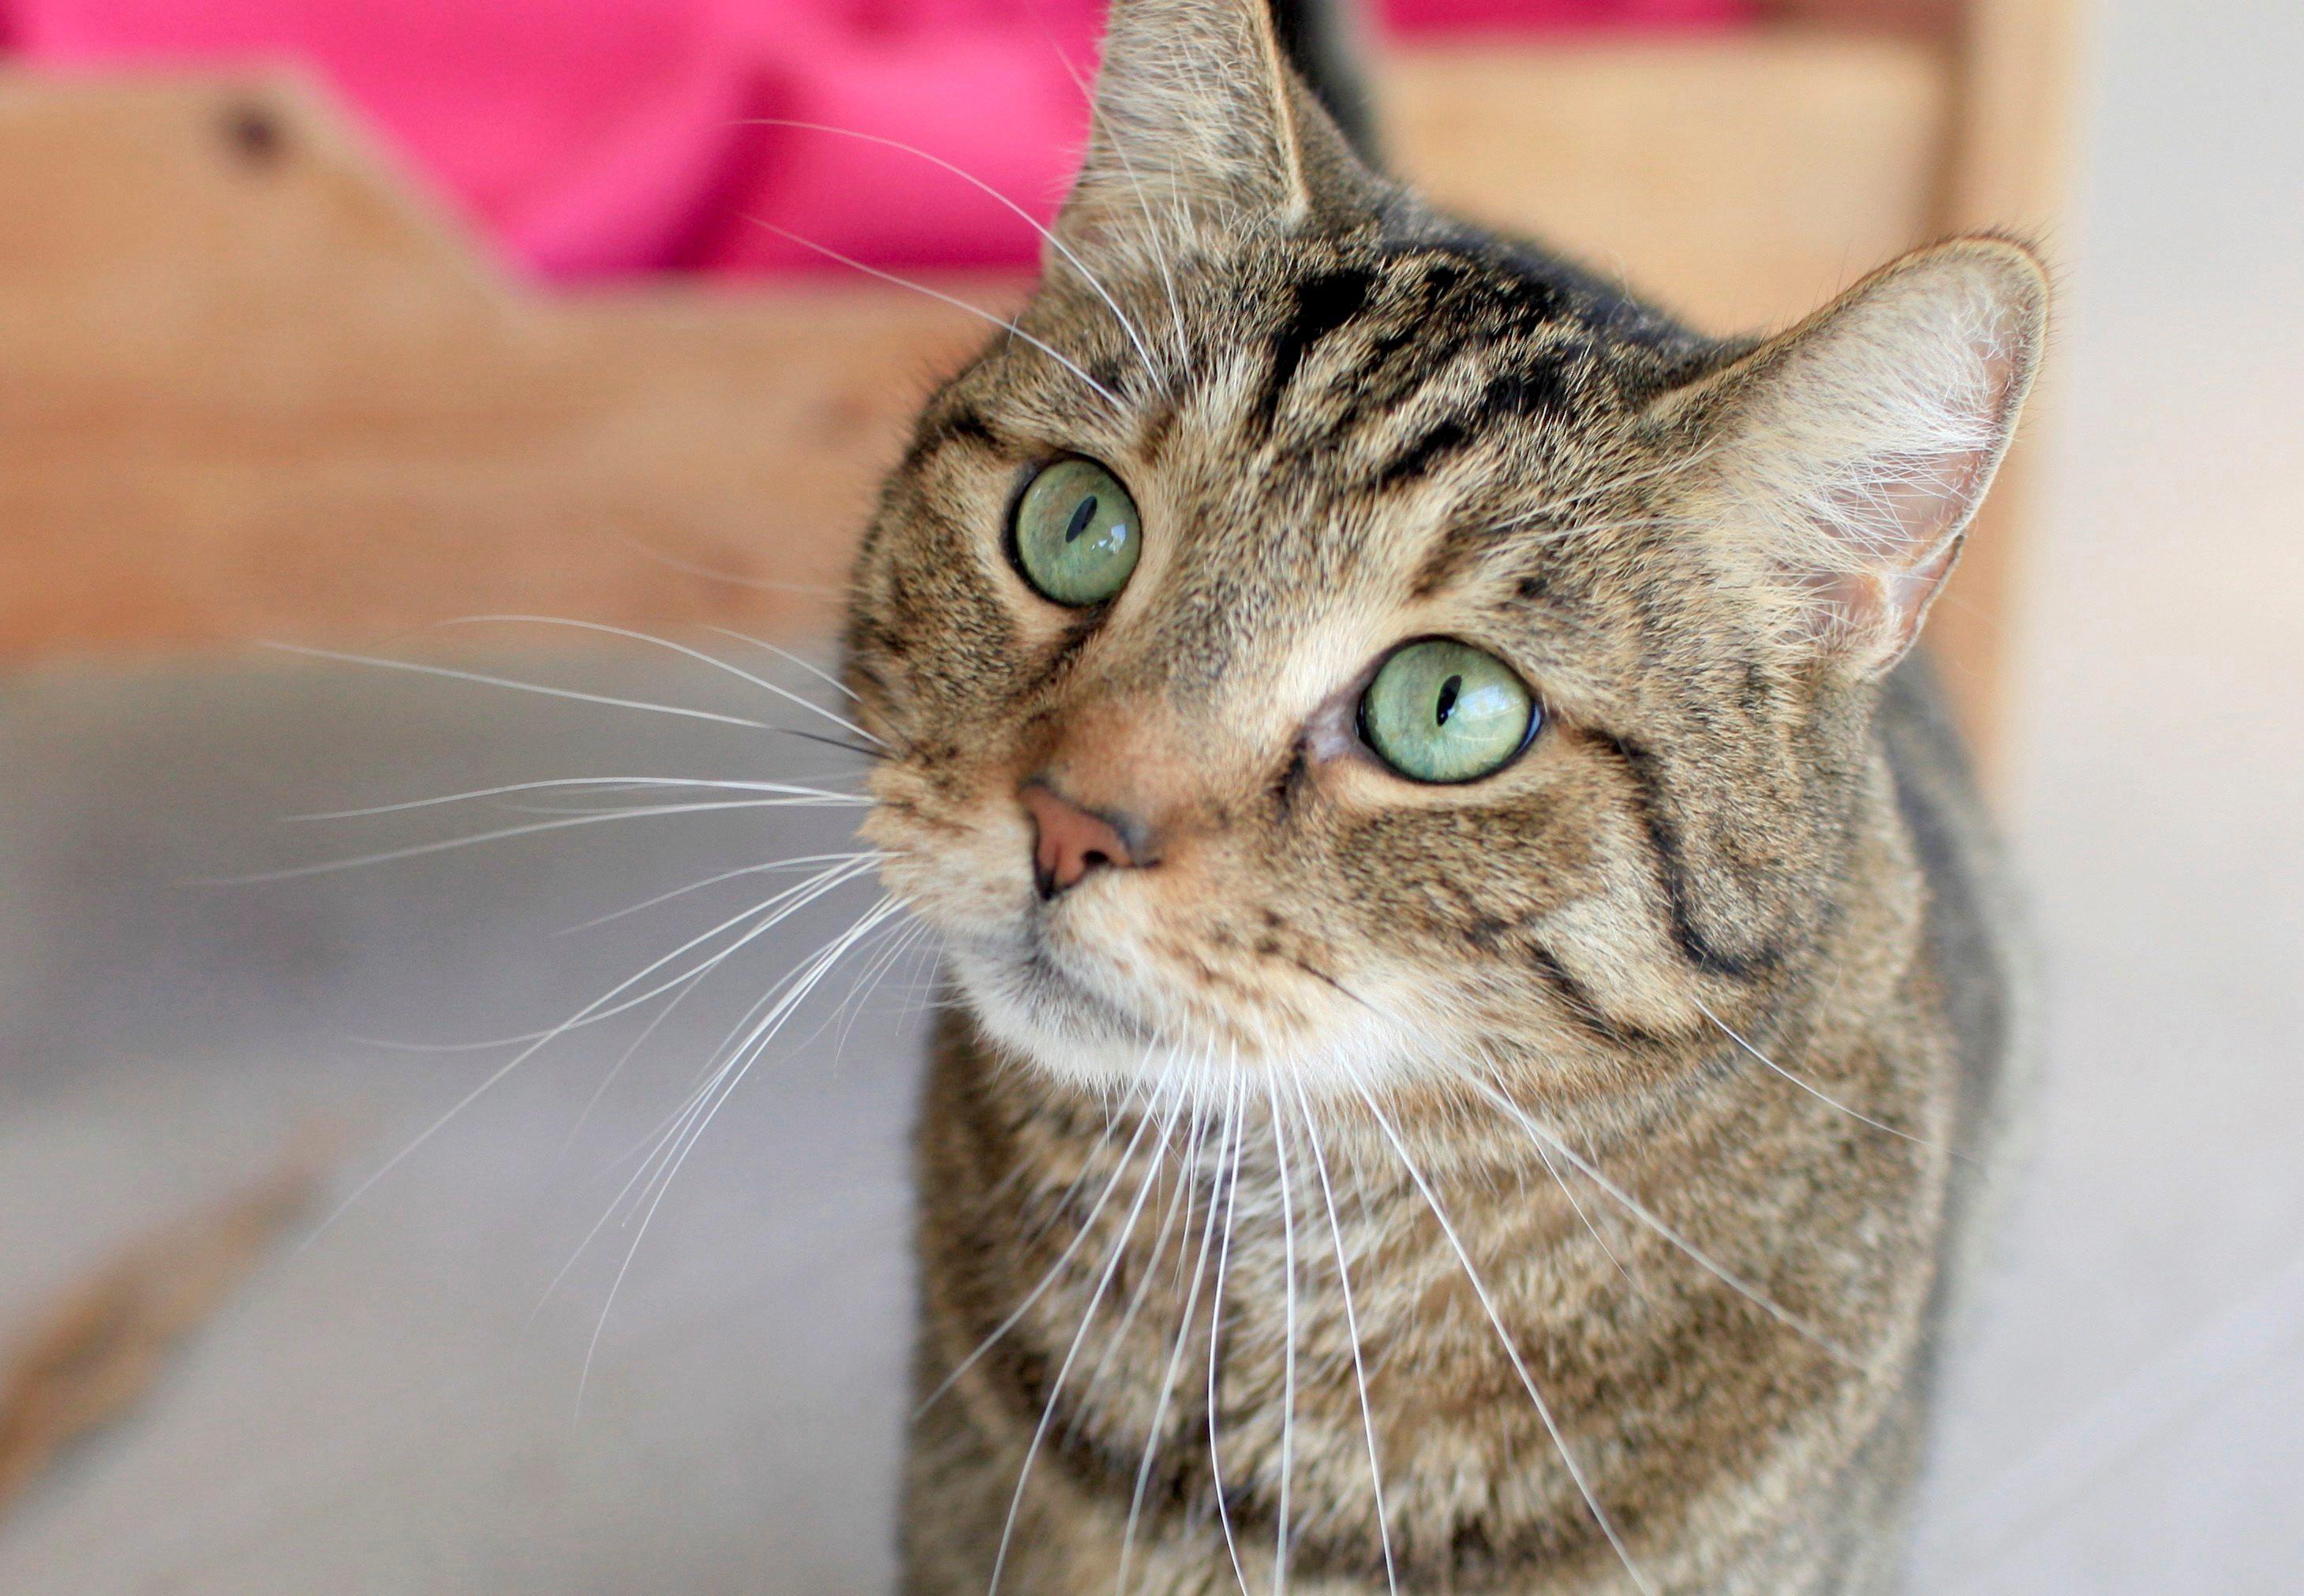 Gatos pueden transmitir Covid-19 y recomiendan que permanezcan en sus hogares